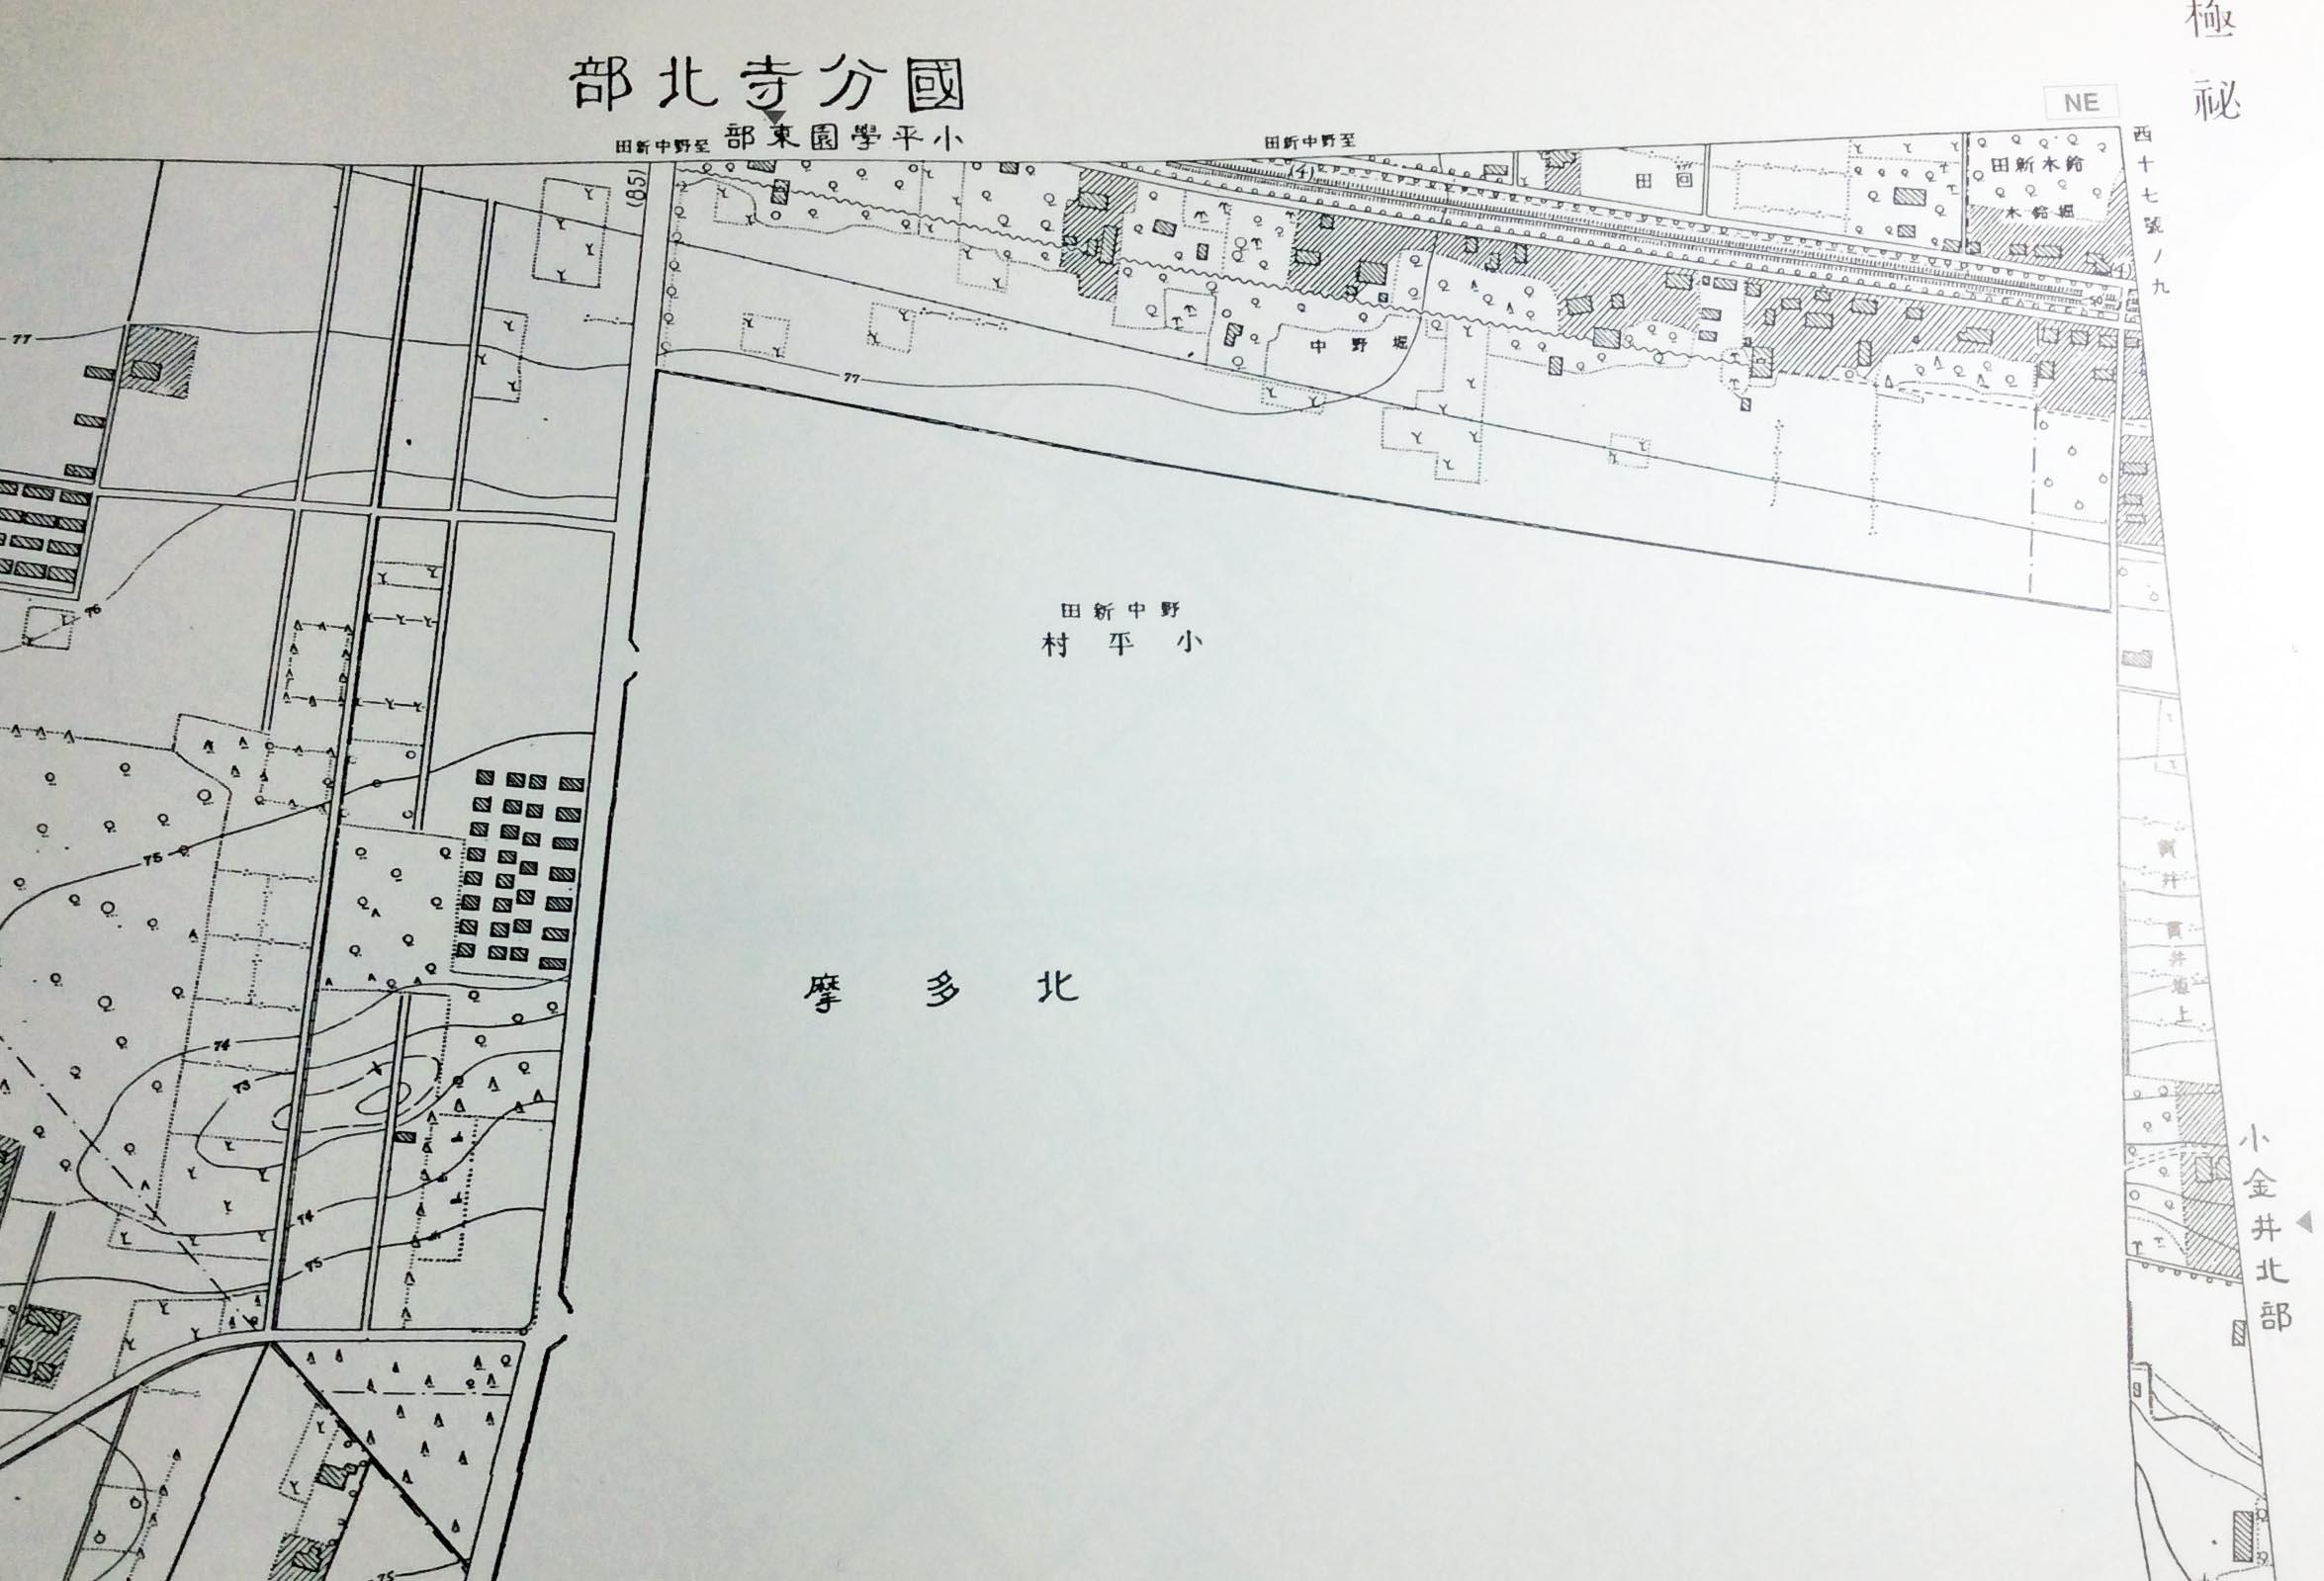 Collegio - 之潮 コレジオ 書籍...